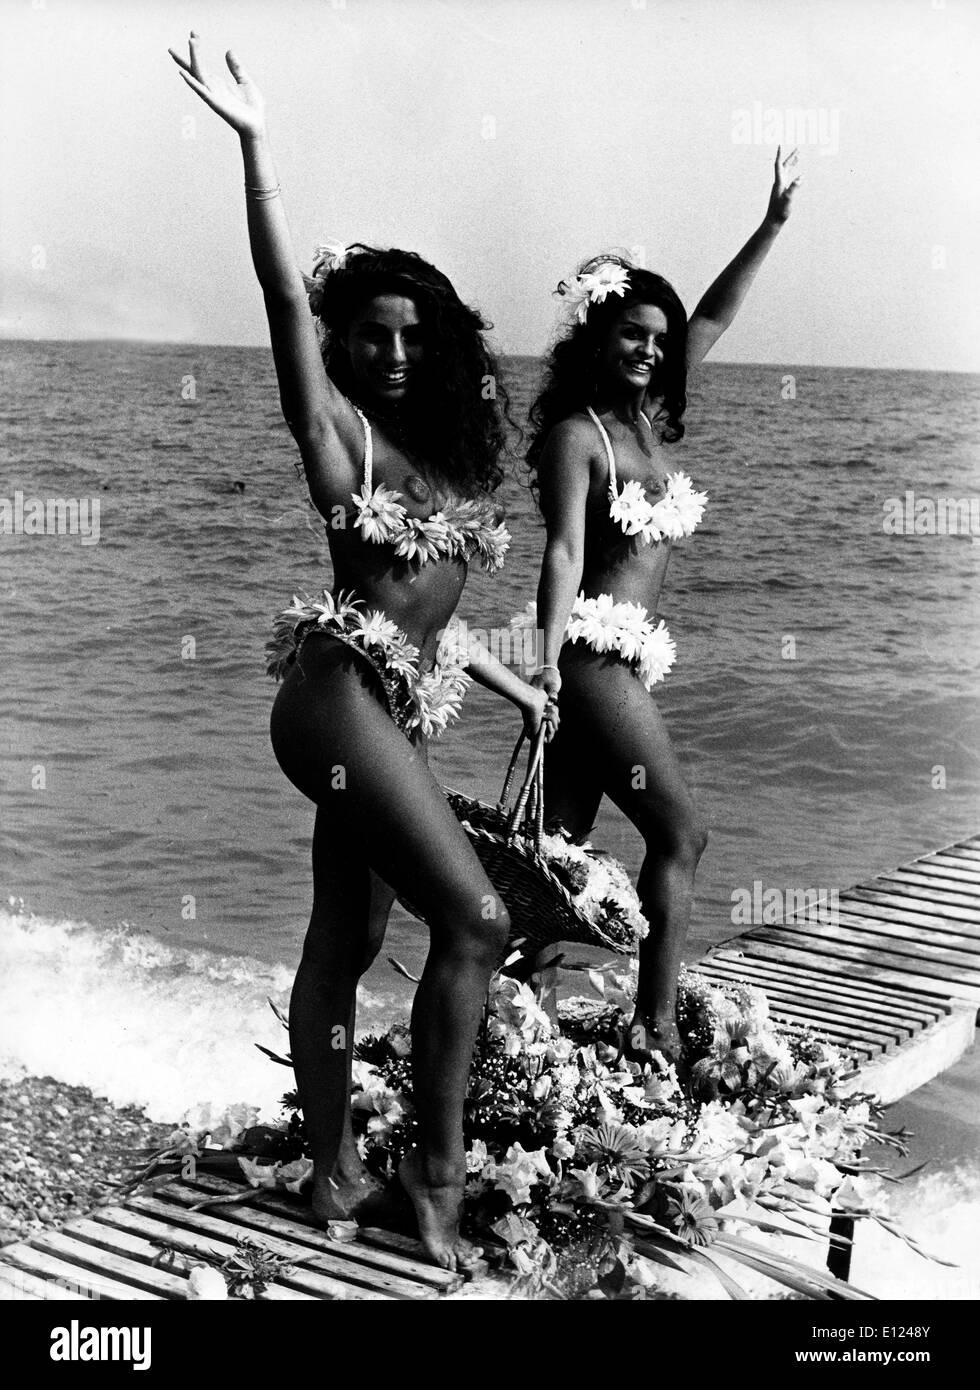 Lug 08, 1985; Nizza, Francia; Modelli Valerie e JOANNE indossando costumi da bagno fatto di fiori in Riviera Francese.. Immagini Stock